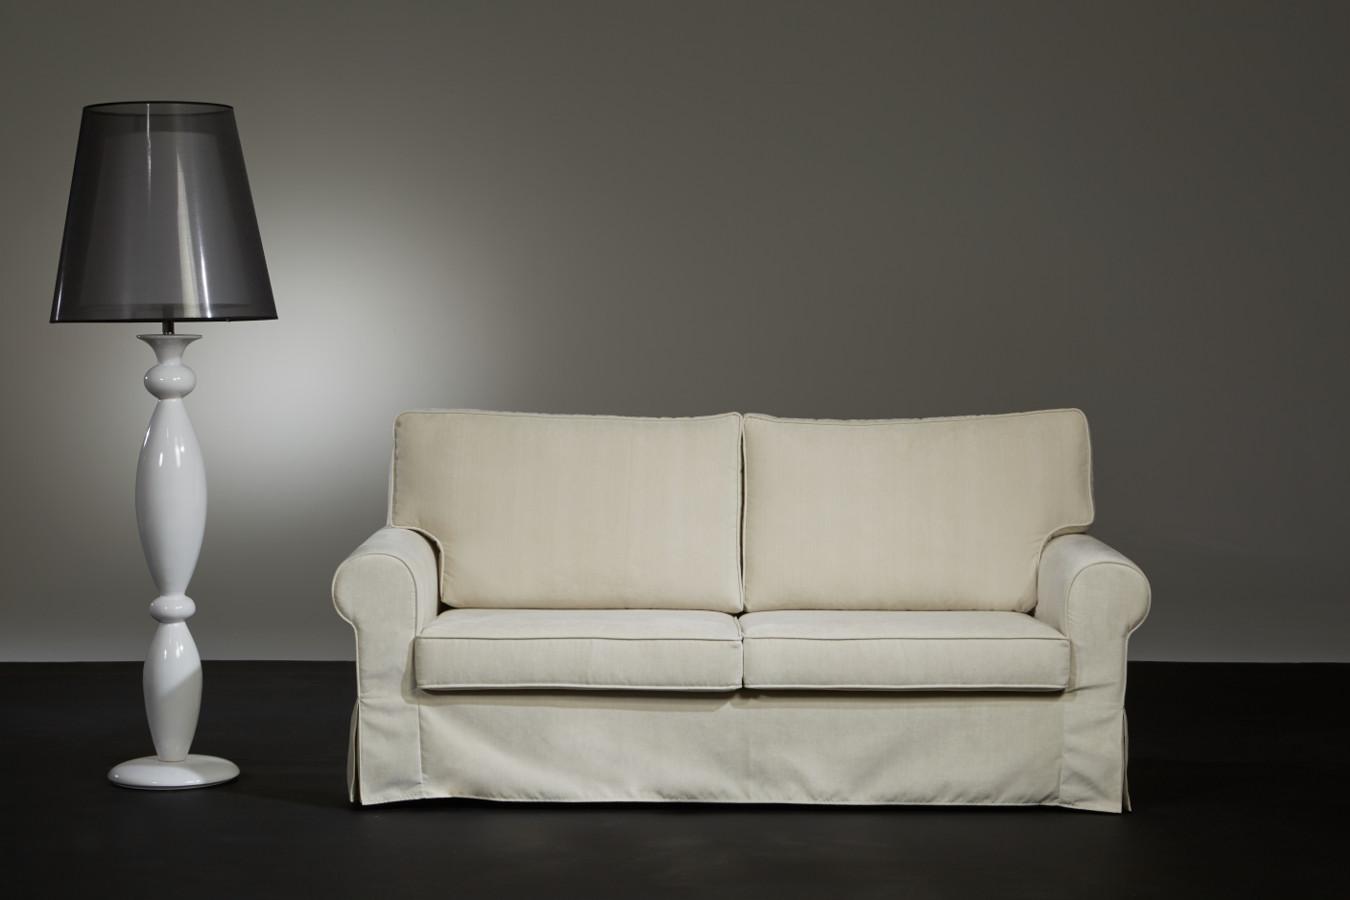 Sofa economicos galeria sofs pais sofs rinconeras for Sofas baratos alicante